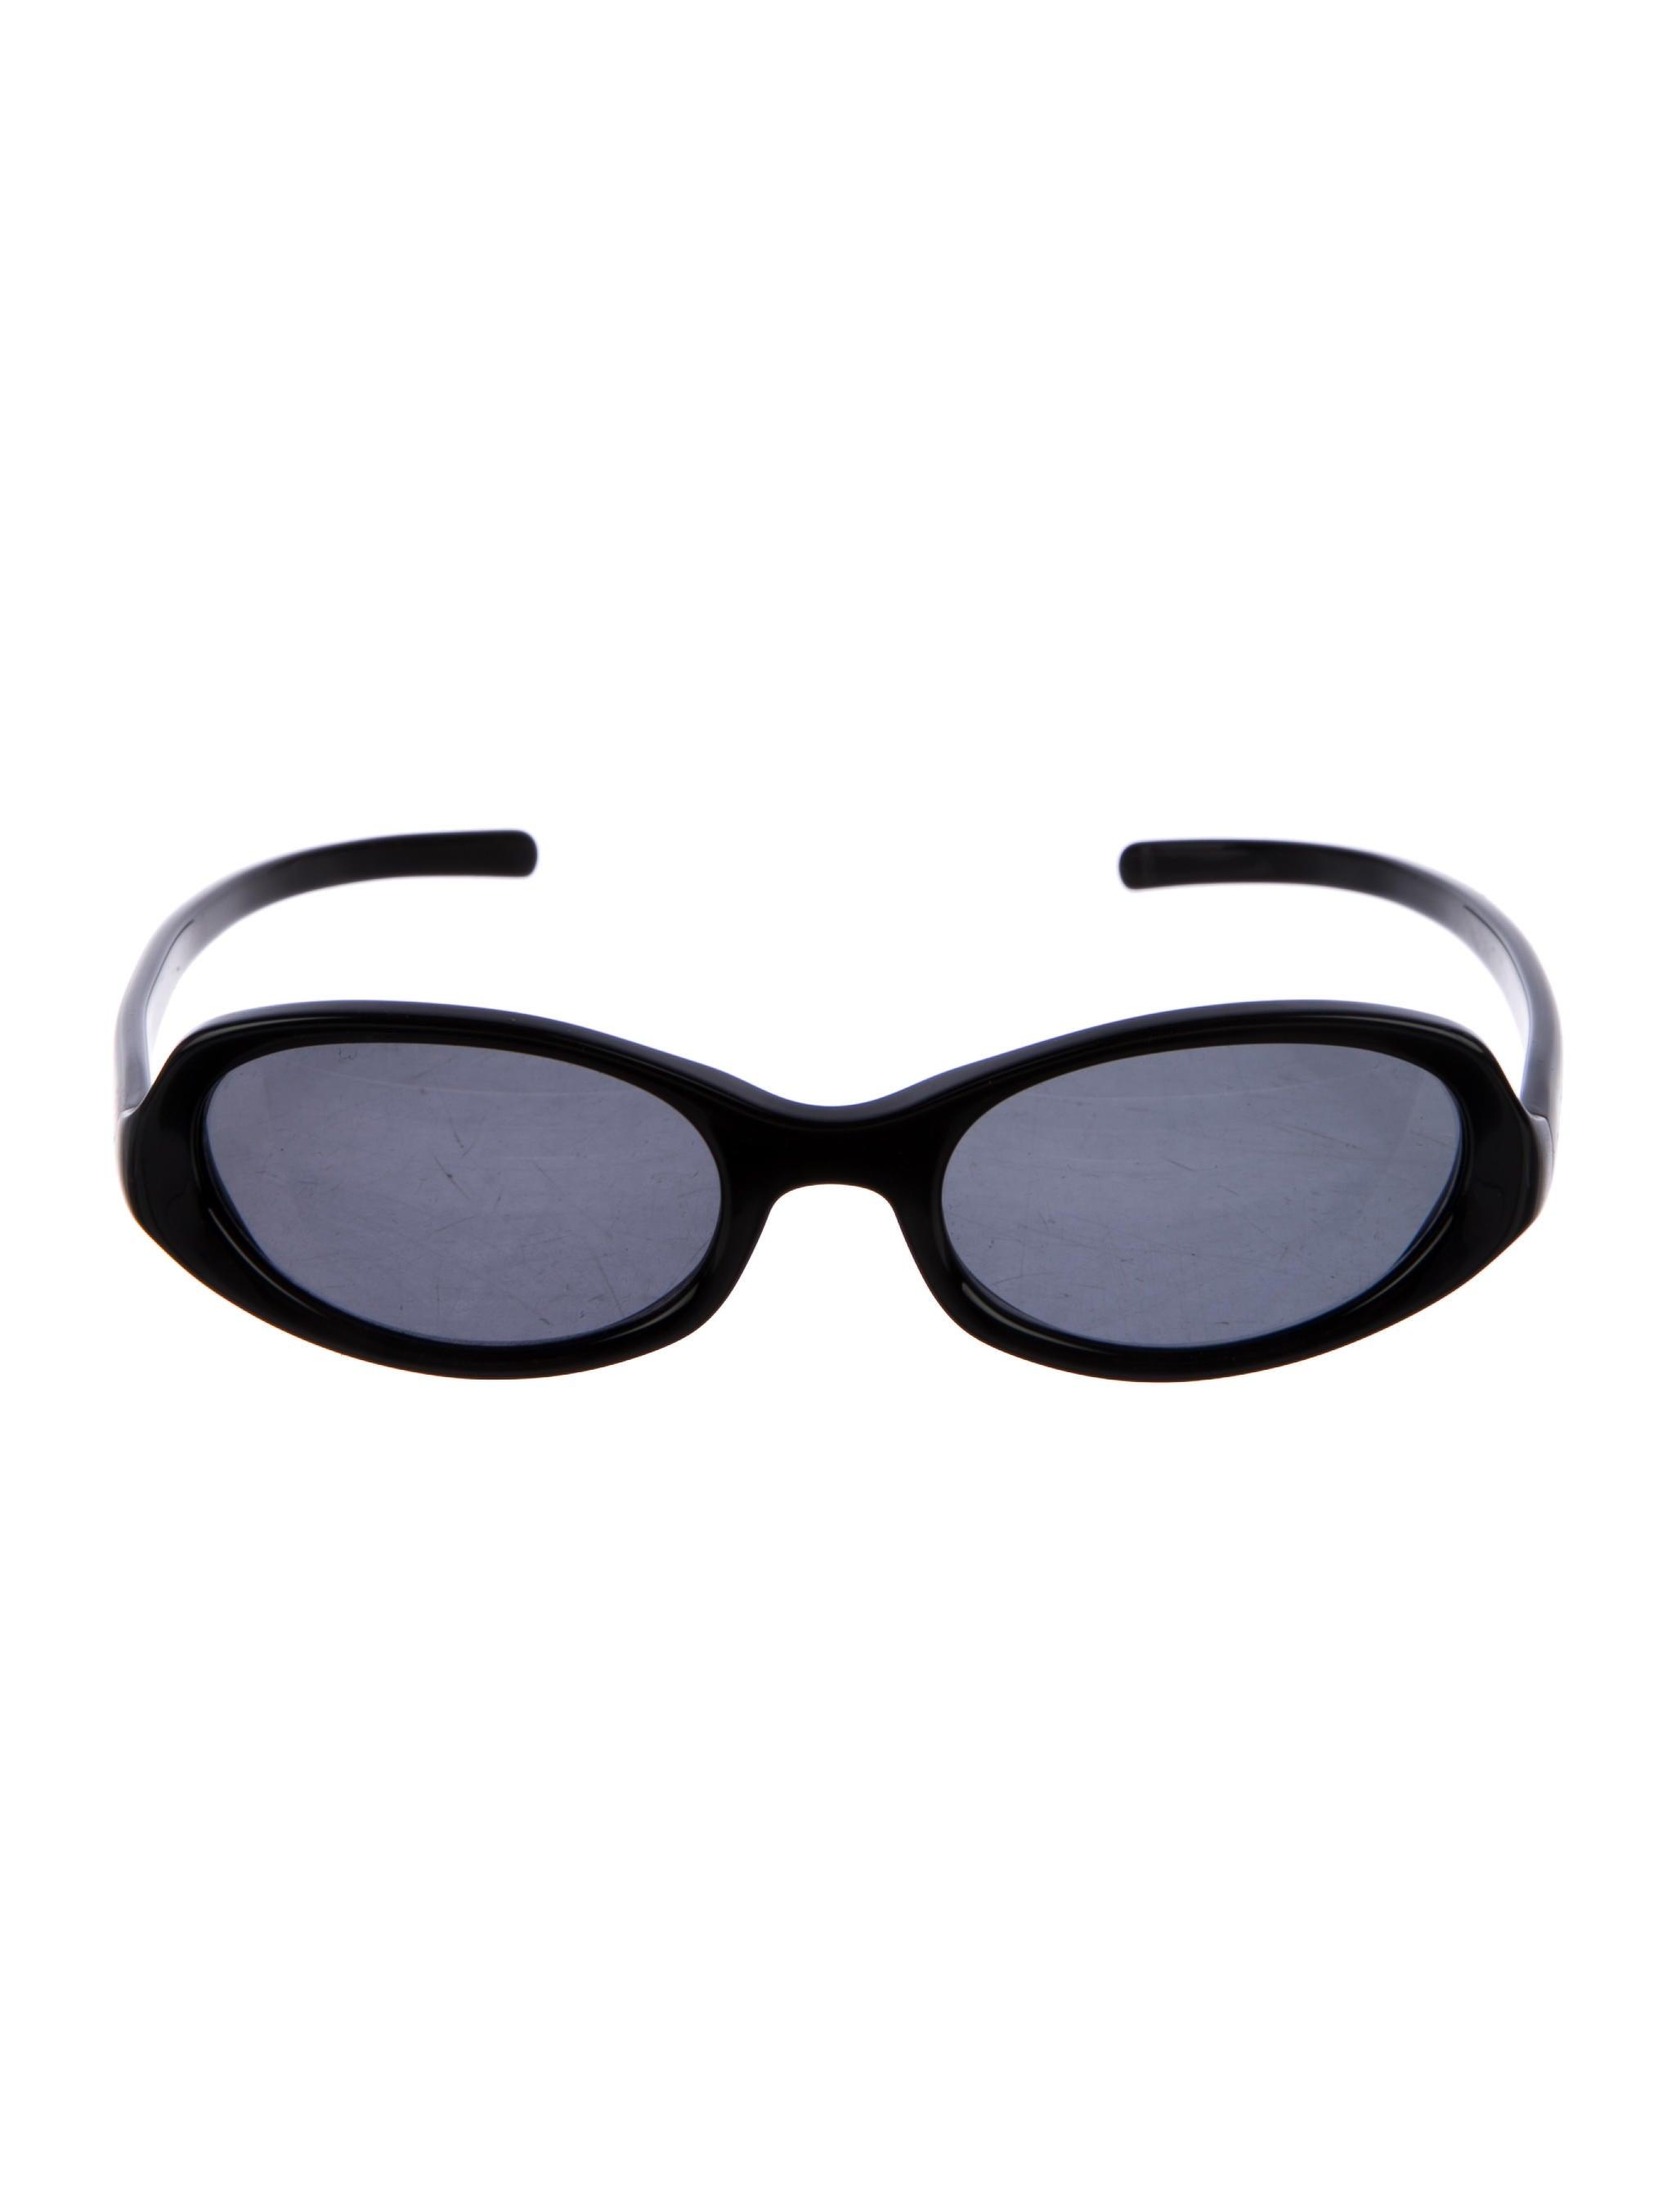 e201dd69461e Prada Narrow Tinted Sunglasses - Accessories - PRA195171